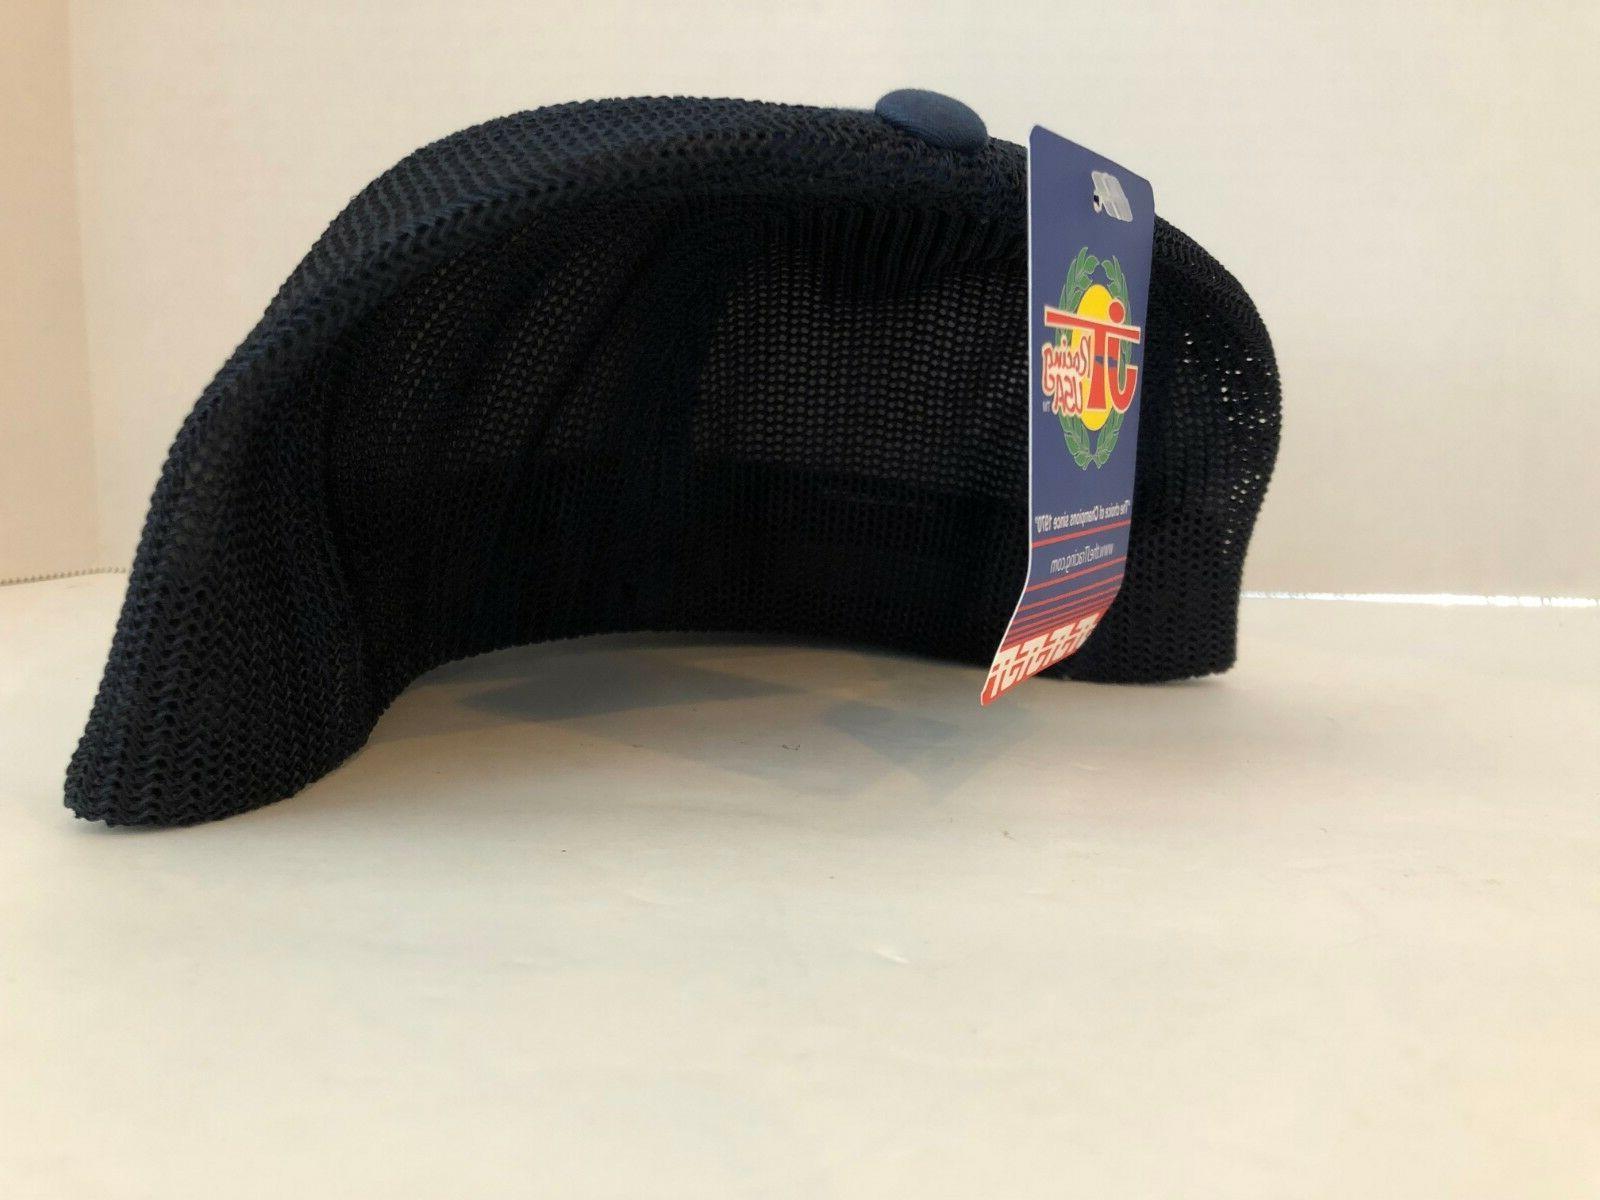 JT USA Blue L/XL Flex Fit Hat - New w/